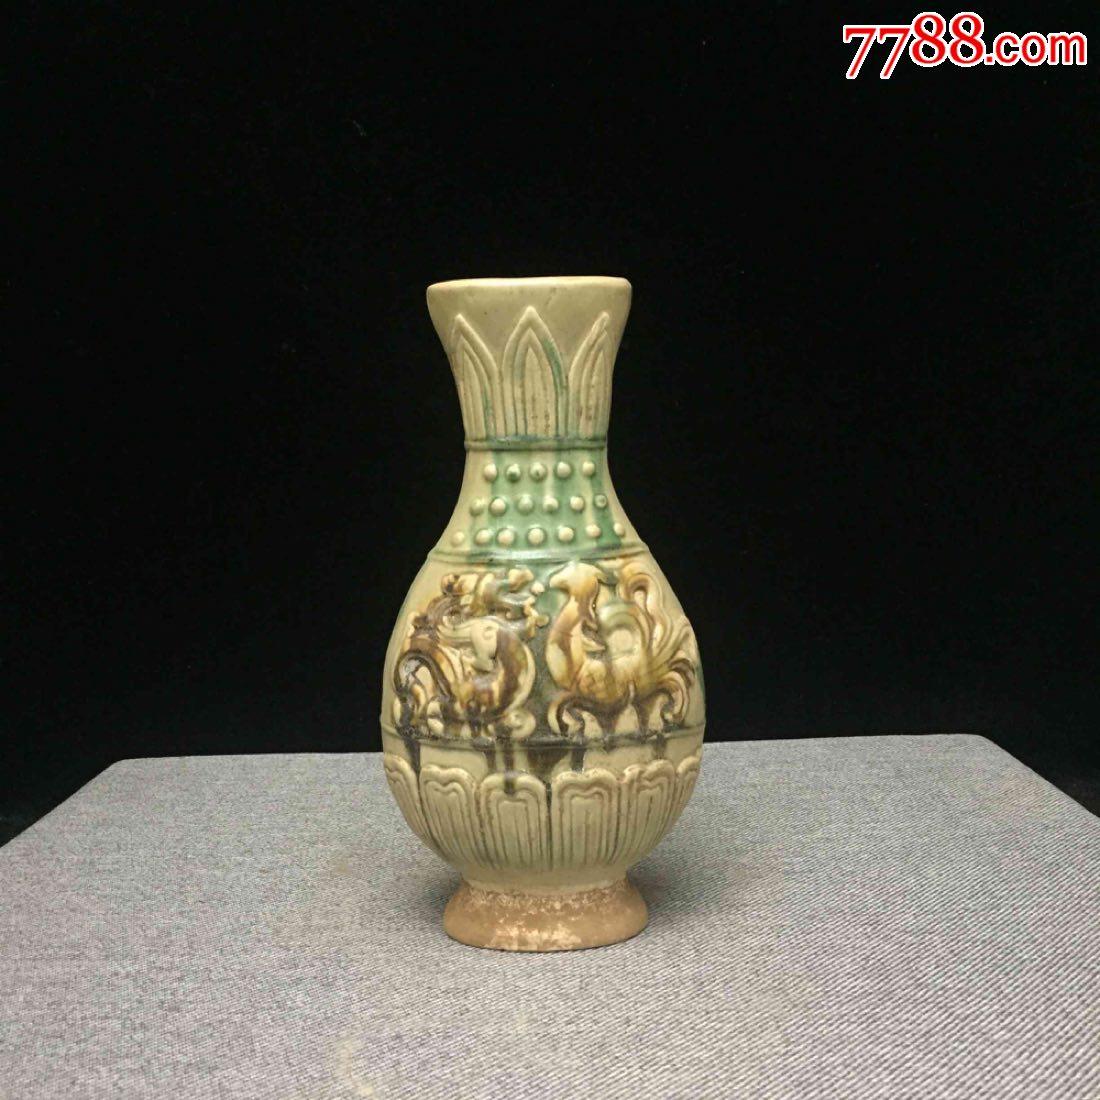 三彩扁瓶(zc21326371)_